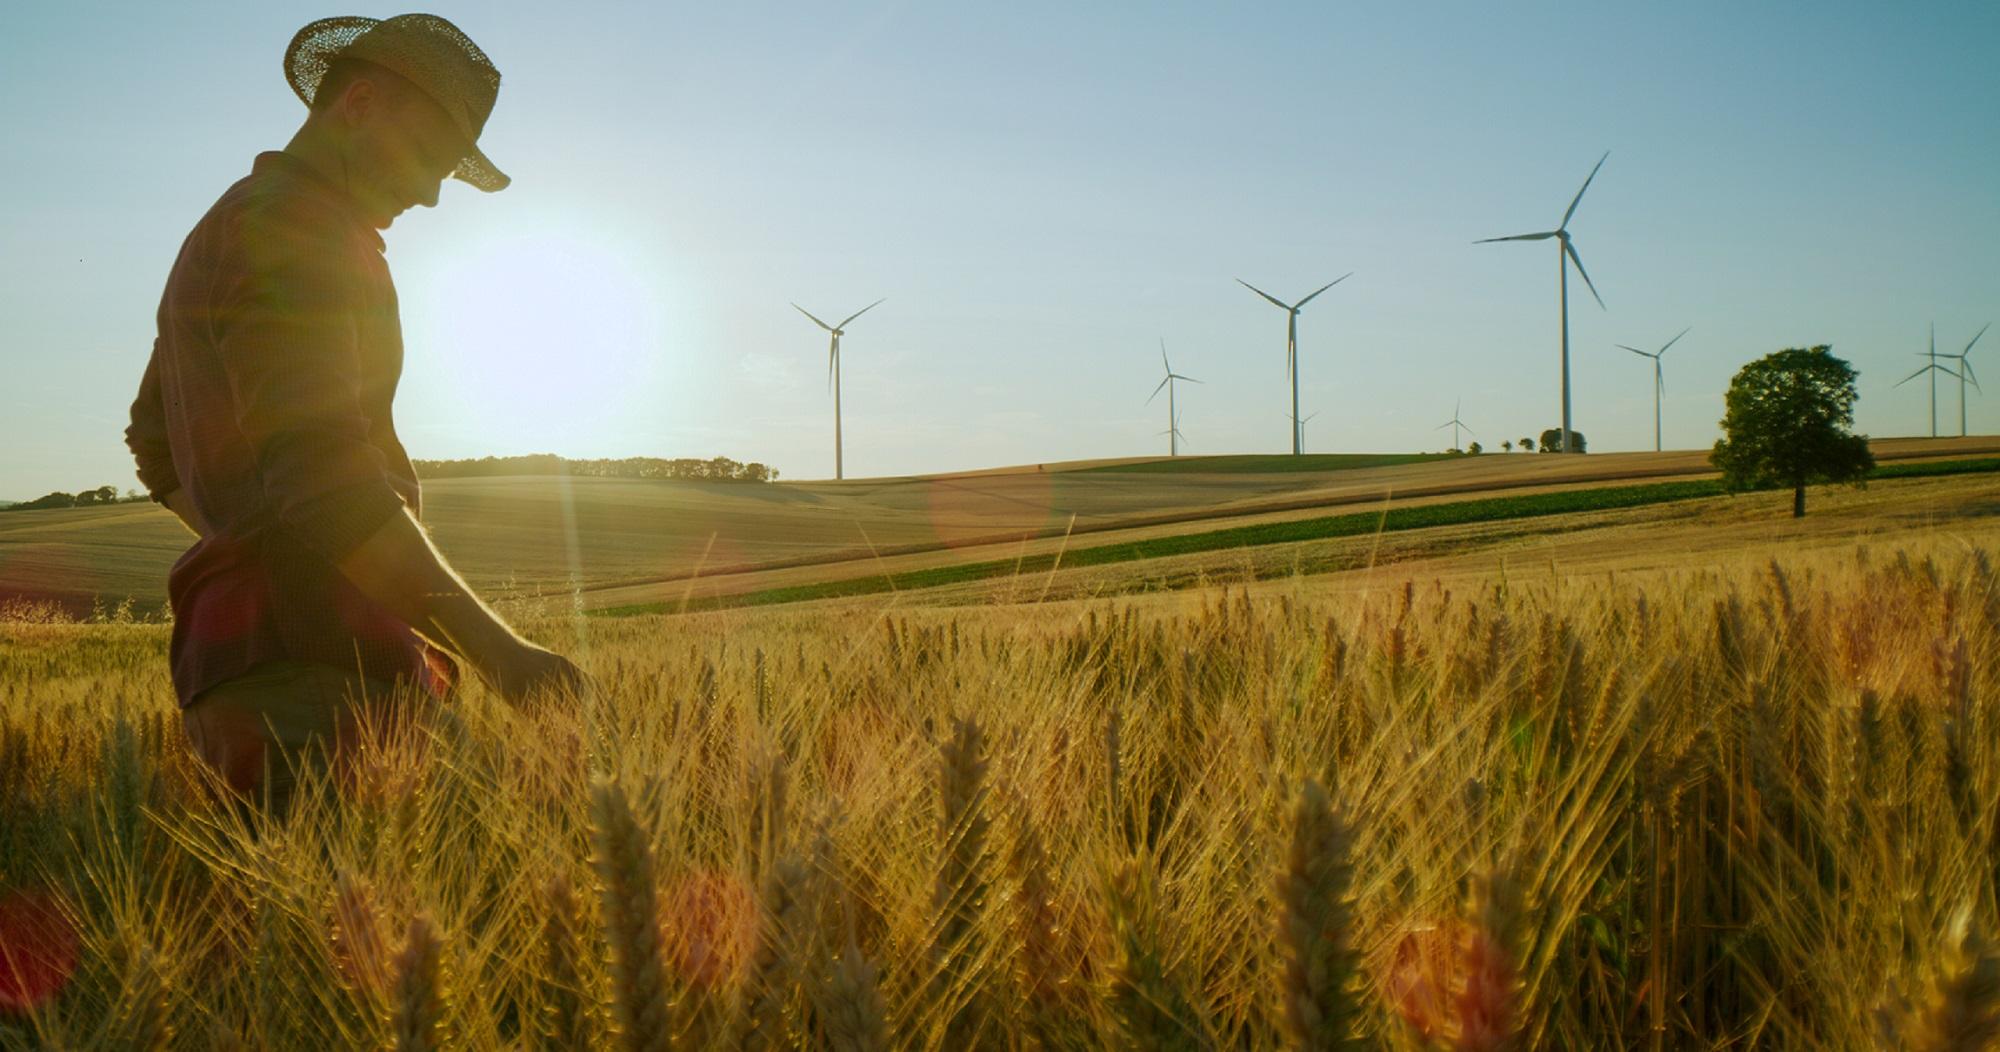 farmer in the grain field